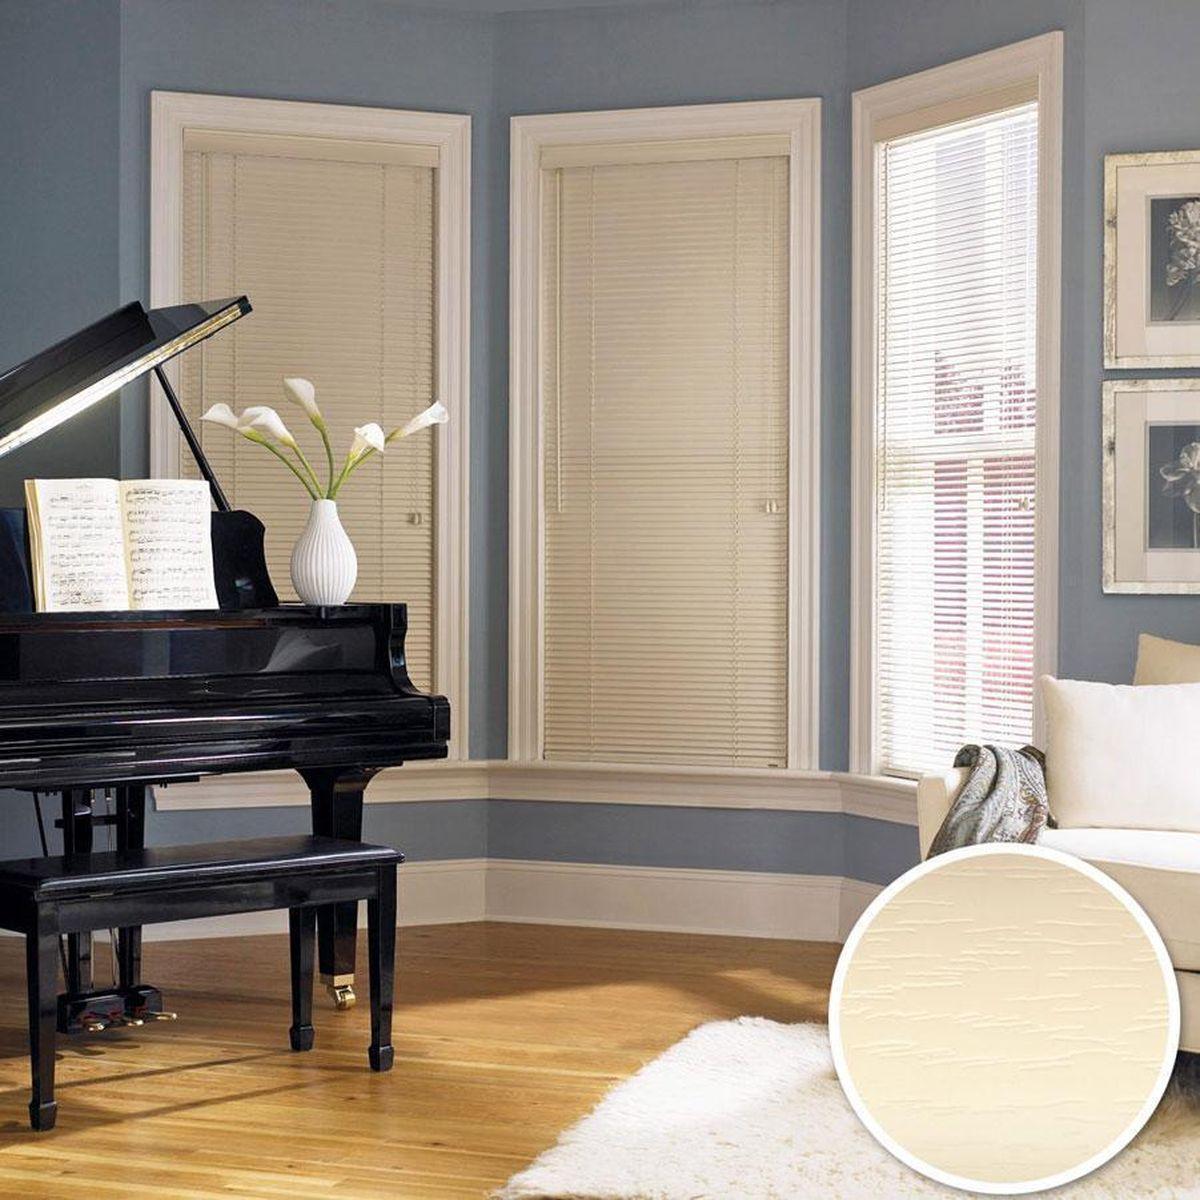 Жалюзи Эскар, цвет: бежевый, ширина 60 см, высота 160 см61009060160Для того чтобы придать интерьеру изюминку и завершенность, нет ничего лучше, чем использовать жалюзи на окнах квартиры, дома или офиса. С их помощью можно подчеркнуть индивидуальный вкус, а также стилевое оформление помещения. Помимо декоративных функций, жалюзи выполняют и практические задачи: они защищают от излишнего солнечного света, не дают помещению нагреваться, а также создают уют в темное время суток.Пластиковые жалюзи - самое универсальное и недорогое решение для любого помещения. Купить их может каждый, а широкий выбор размеров под самые популярные габариты сделает покупку простой и удобной. Пластиковые жалюзи имеют высокие эксплуатационные характеристики - они гигиеничны, что делает их незаменимыми при монтаже в детских и медицинских учреждениях.